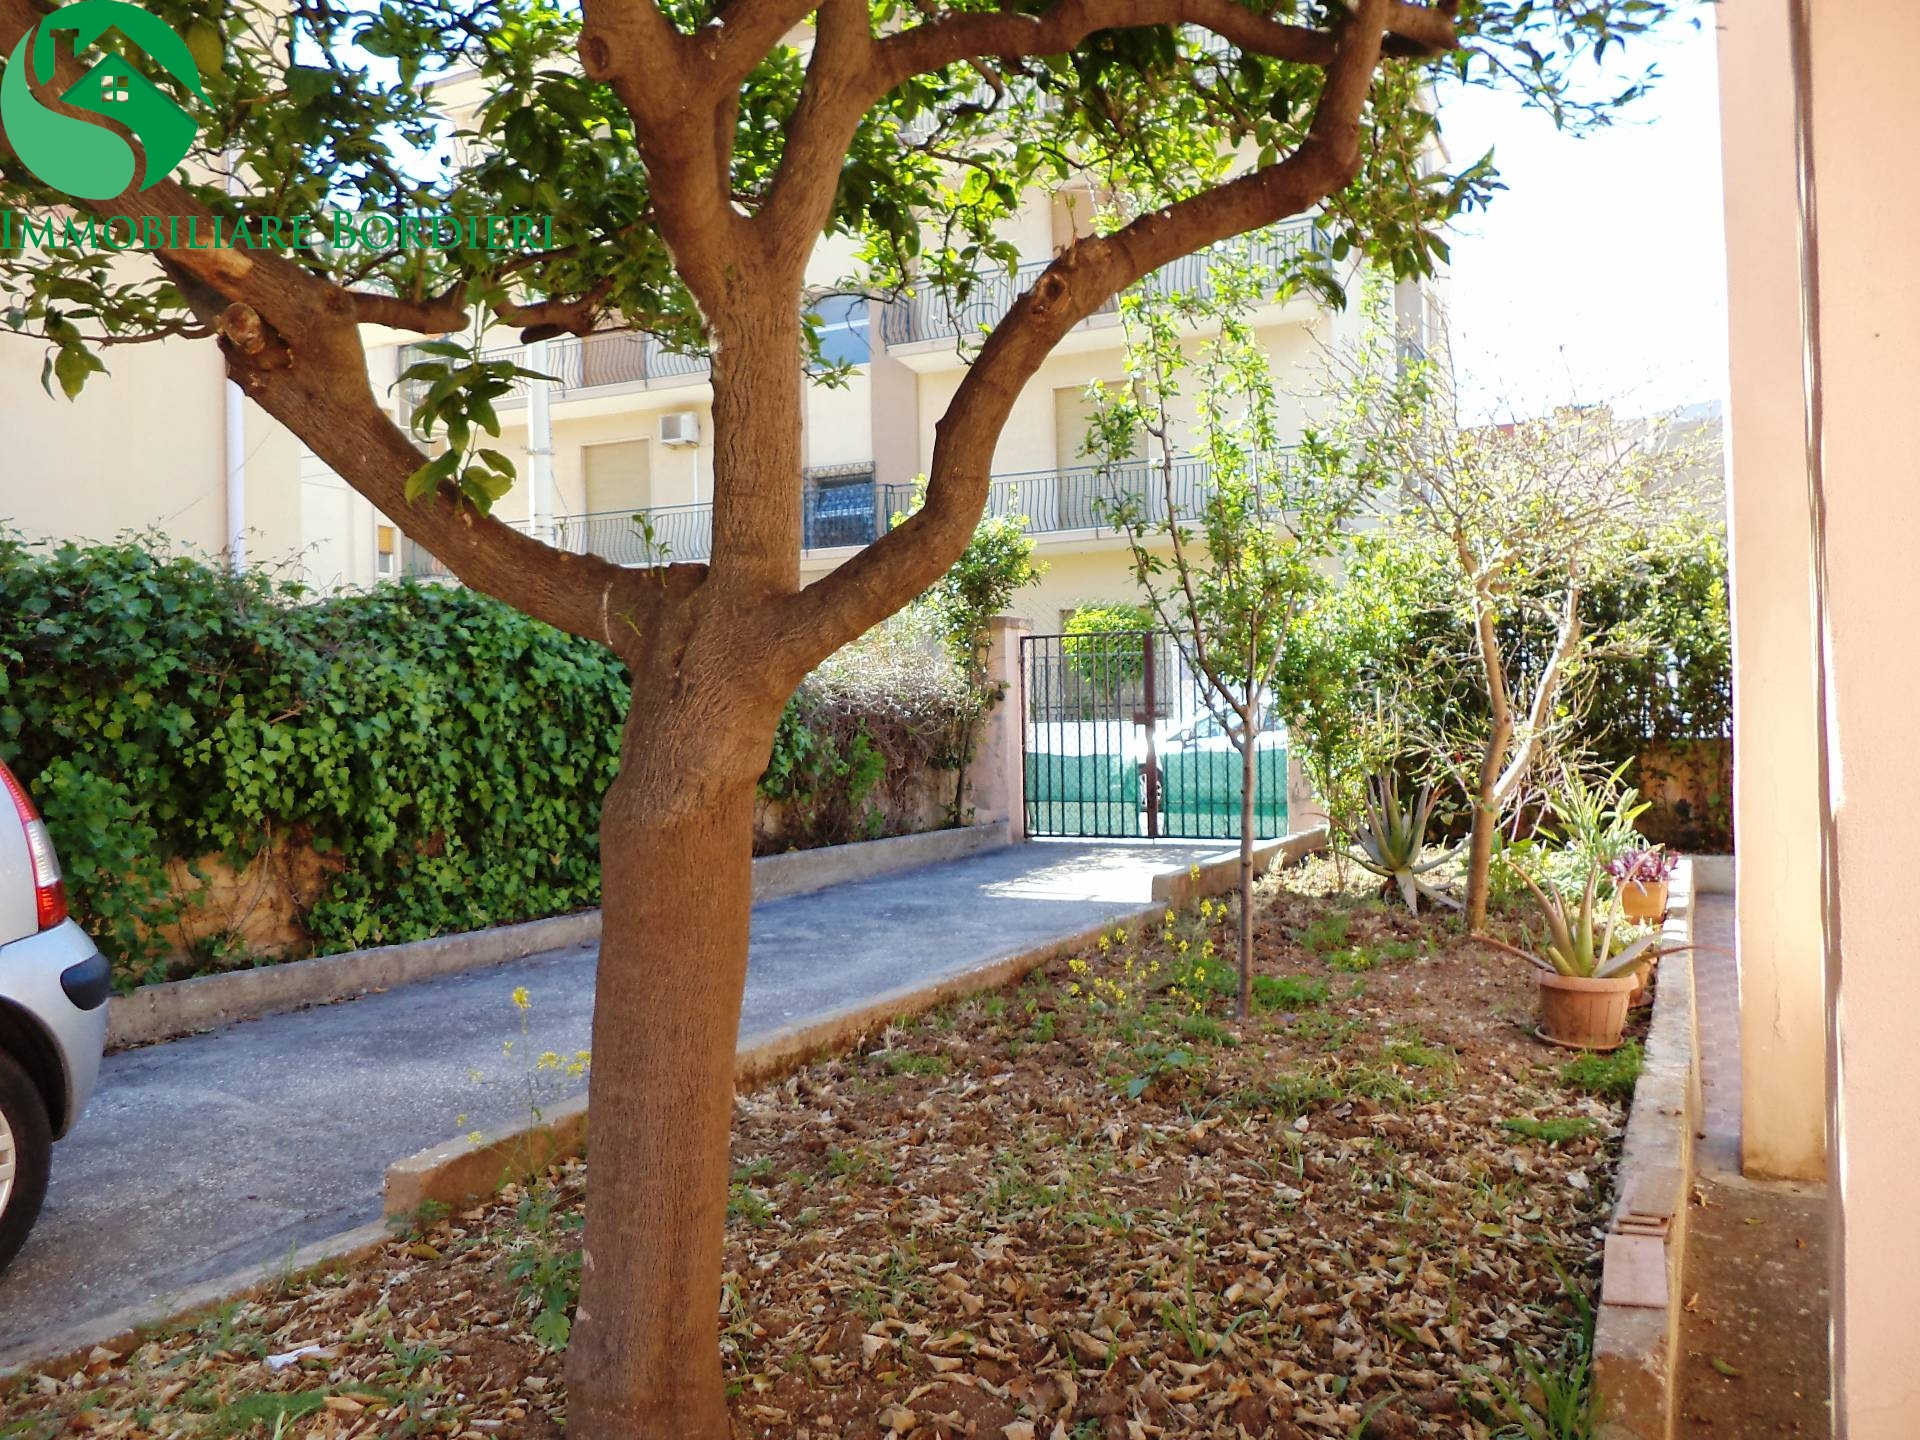 Villa in vendita a Siracusa, 4 locali, zona Località: ServidiMaria, prezzo € 240.000 | CambioCasa.it